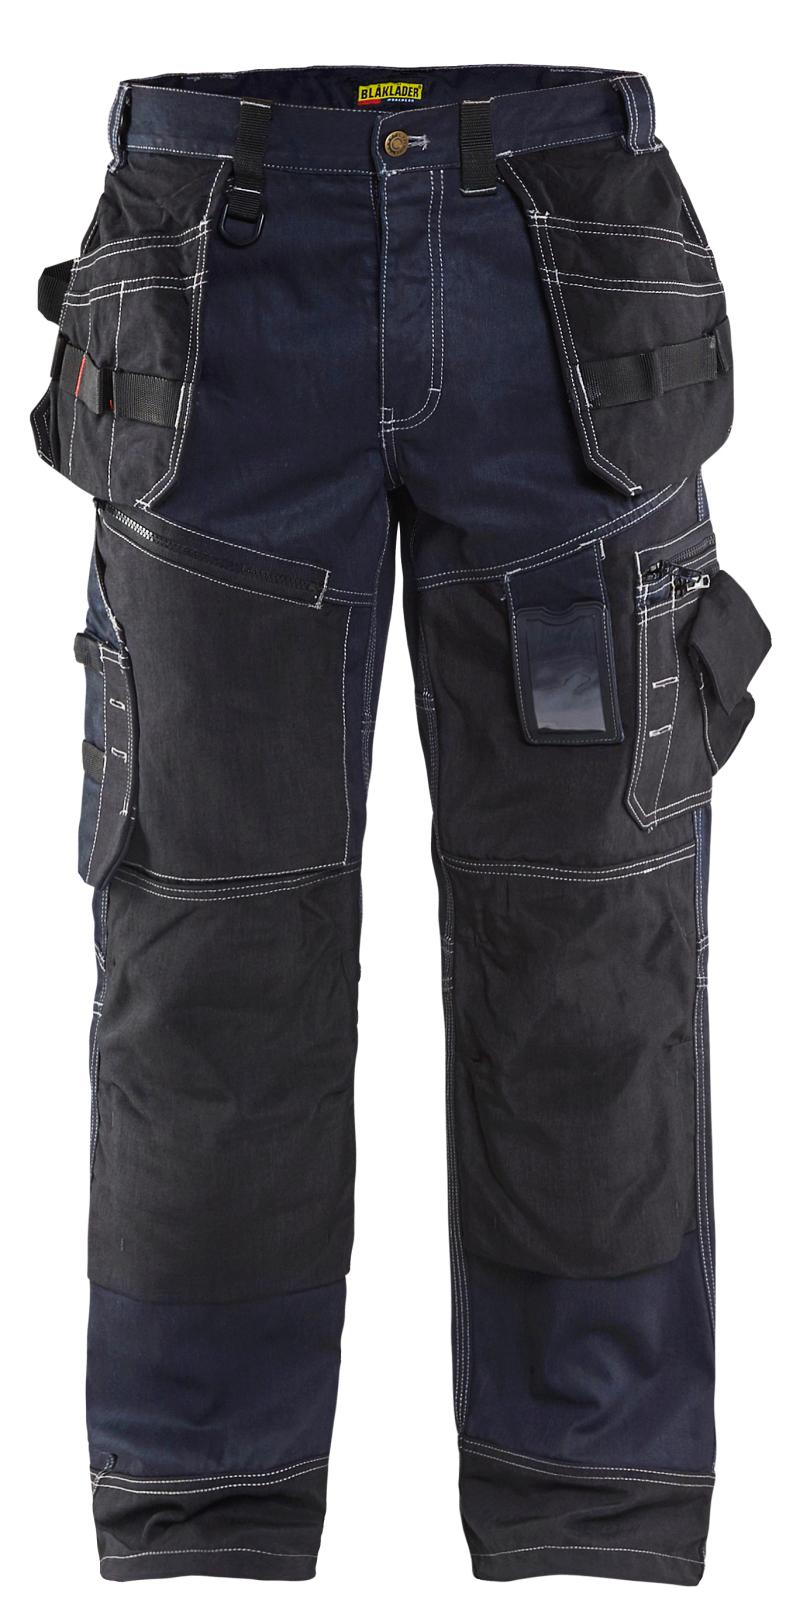 Hosen reißen im schritt. So verhindert man bei Jeans die